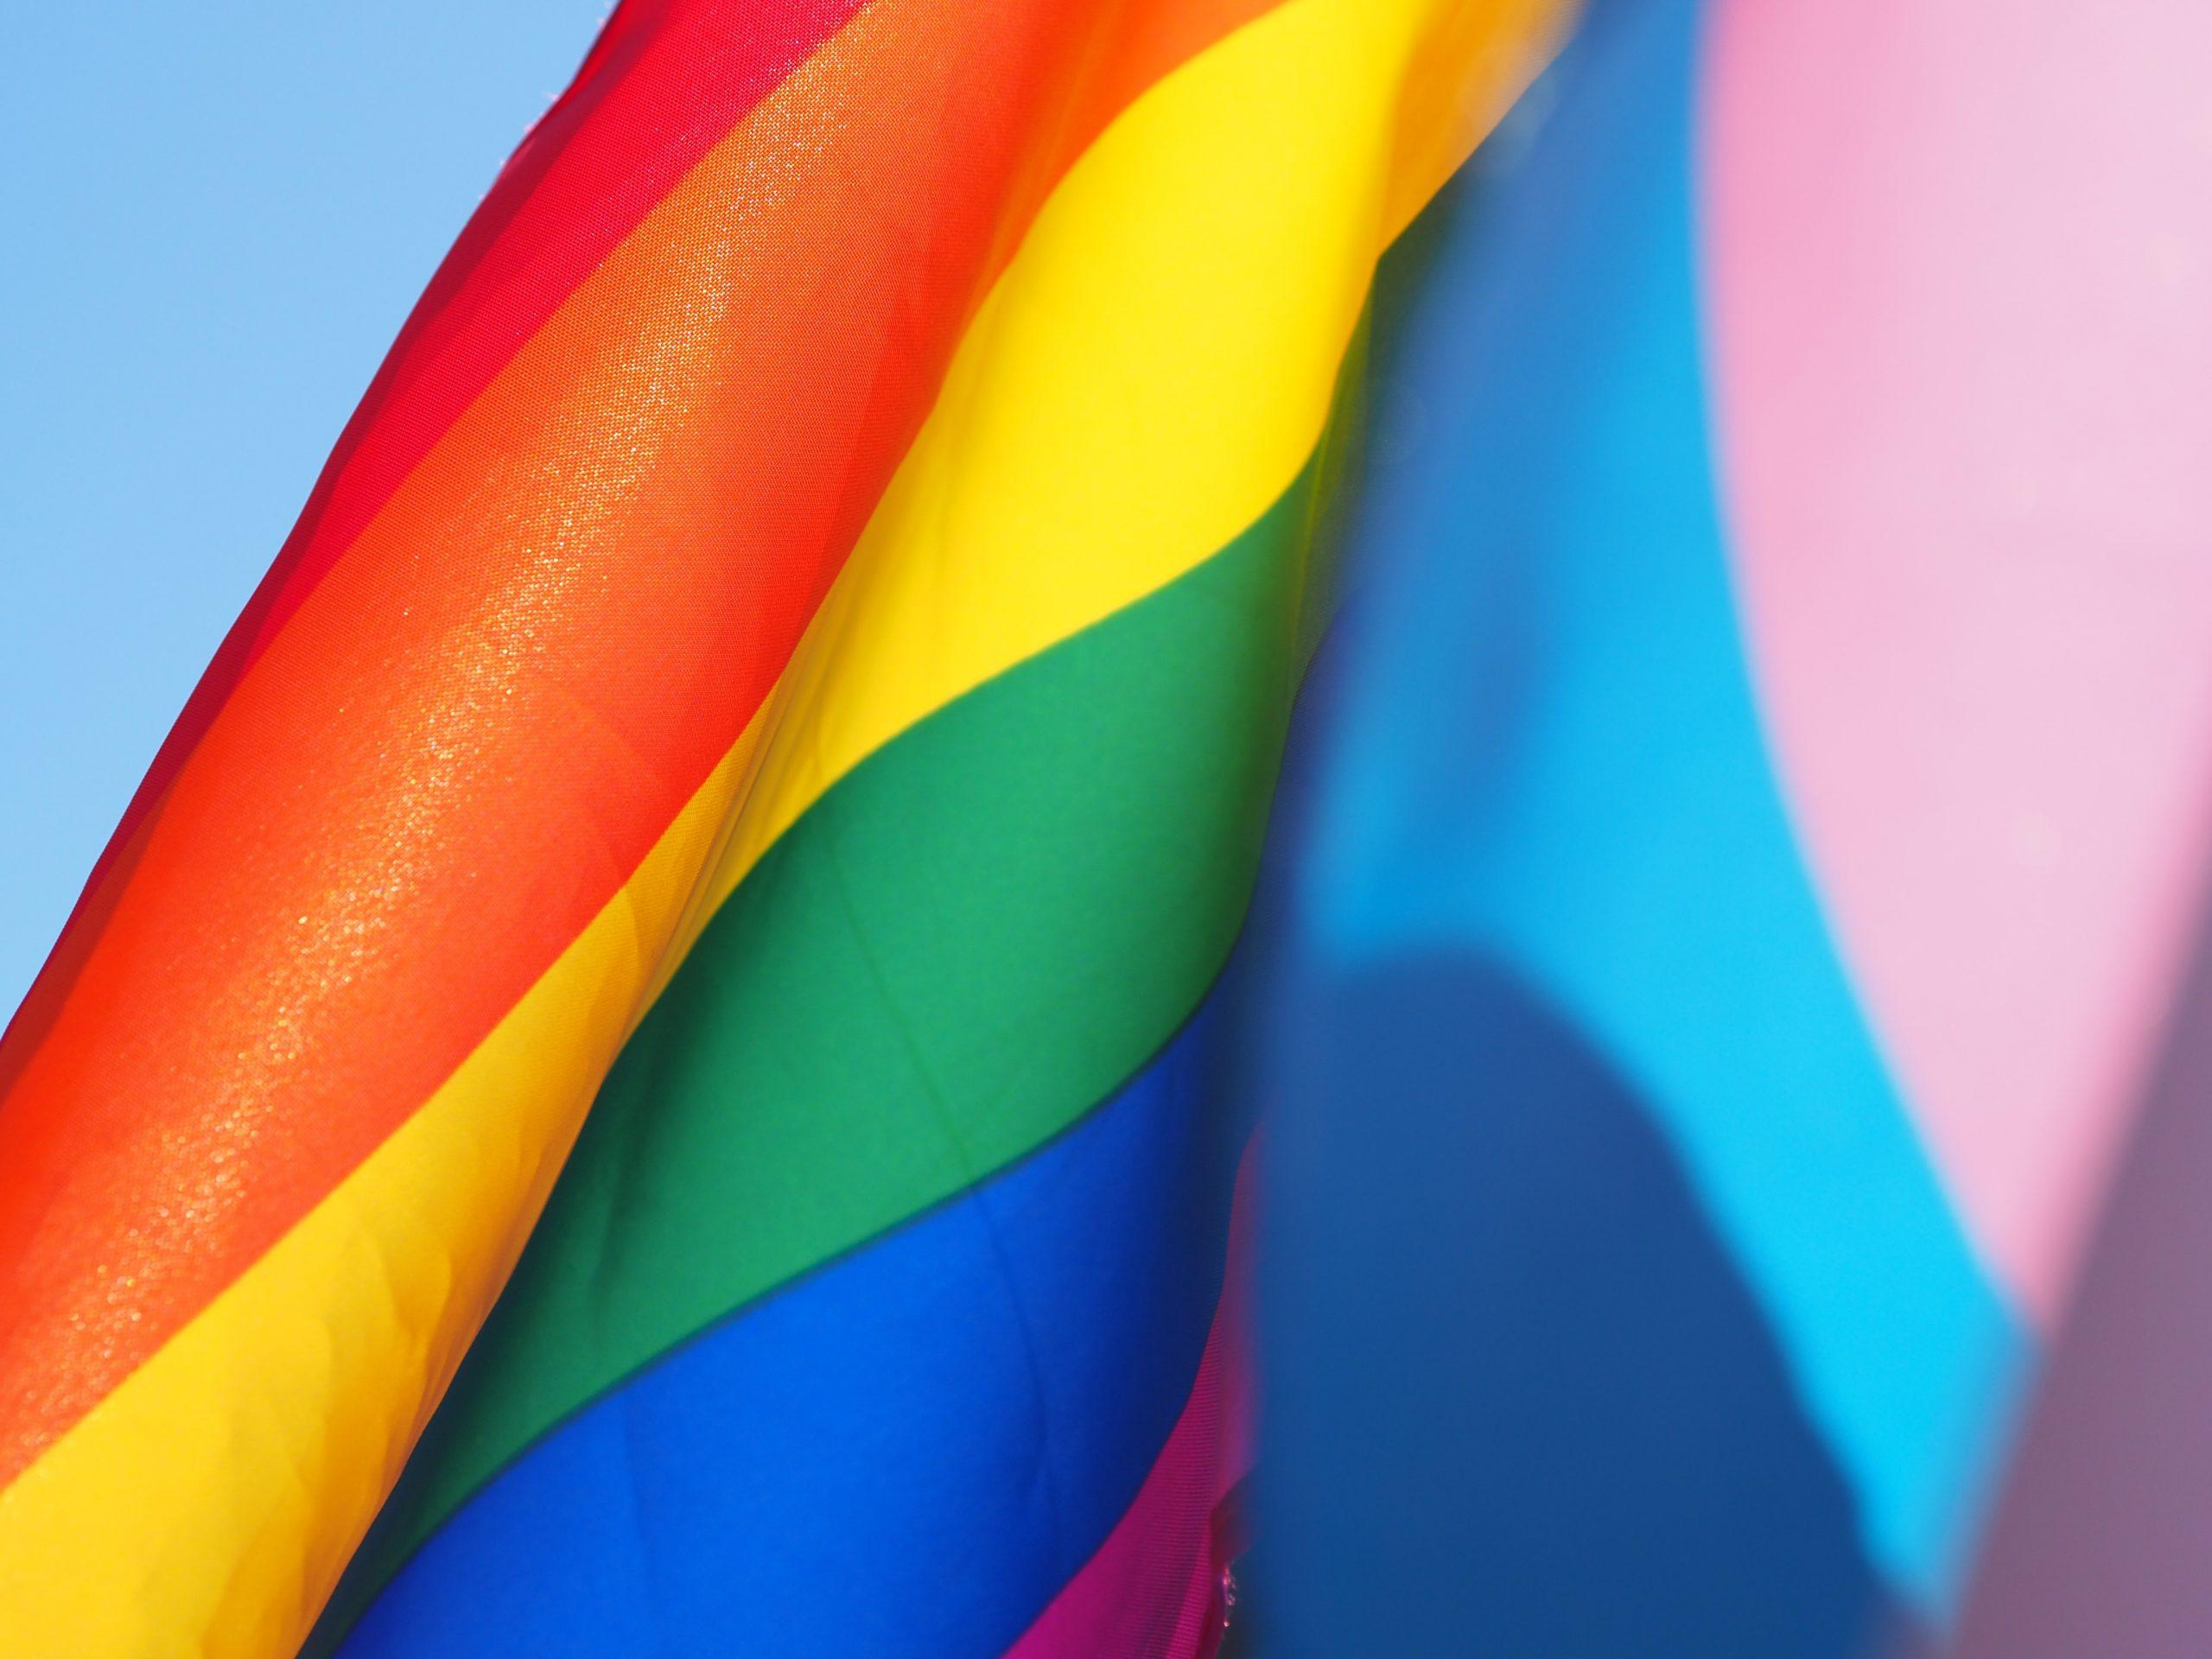 Oszlassuk el a tévhiteket a homoszexualitásról!